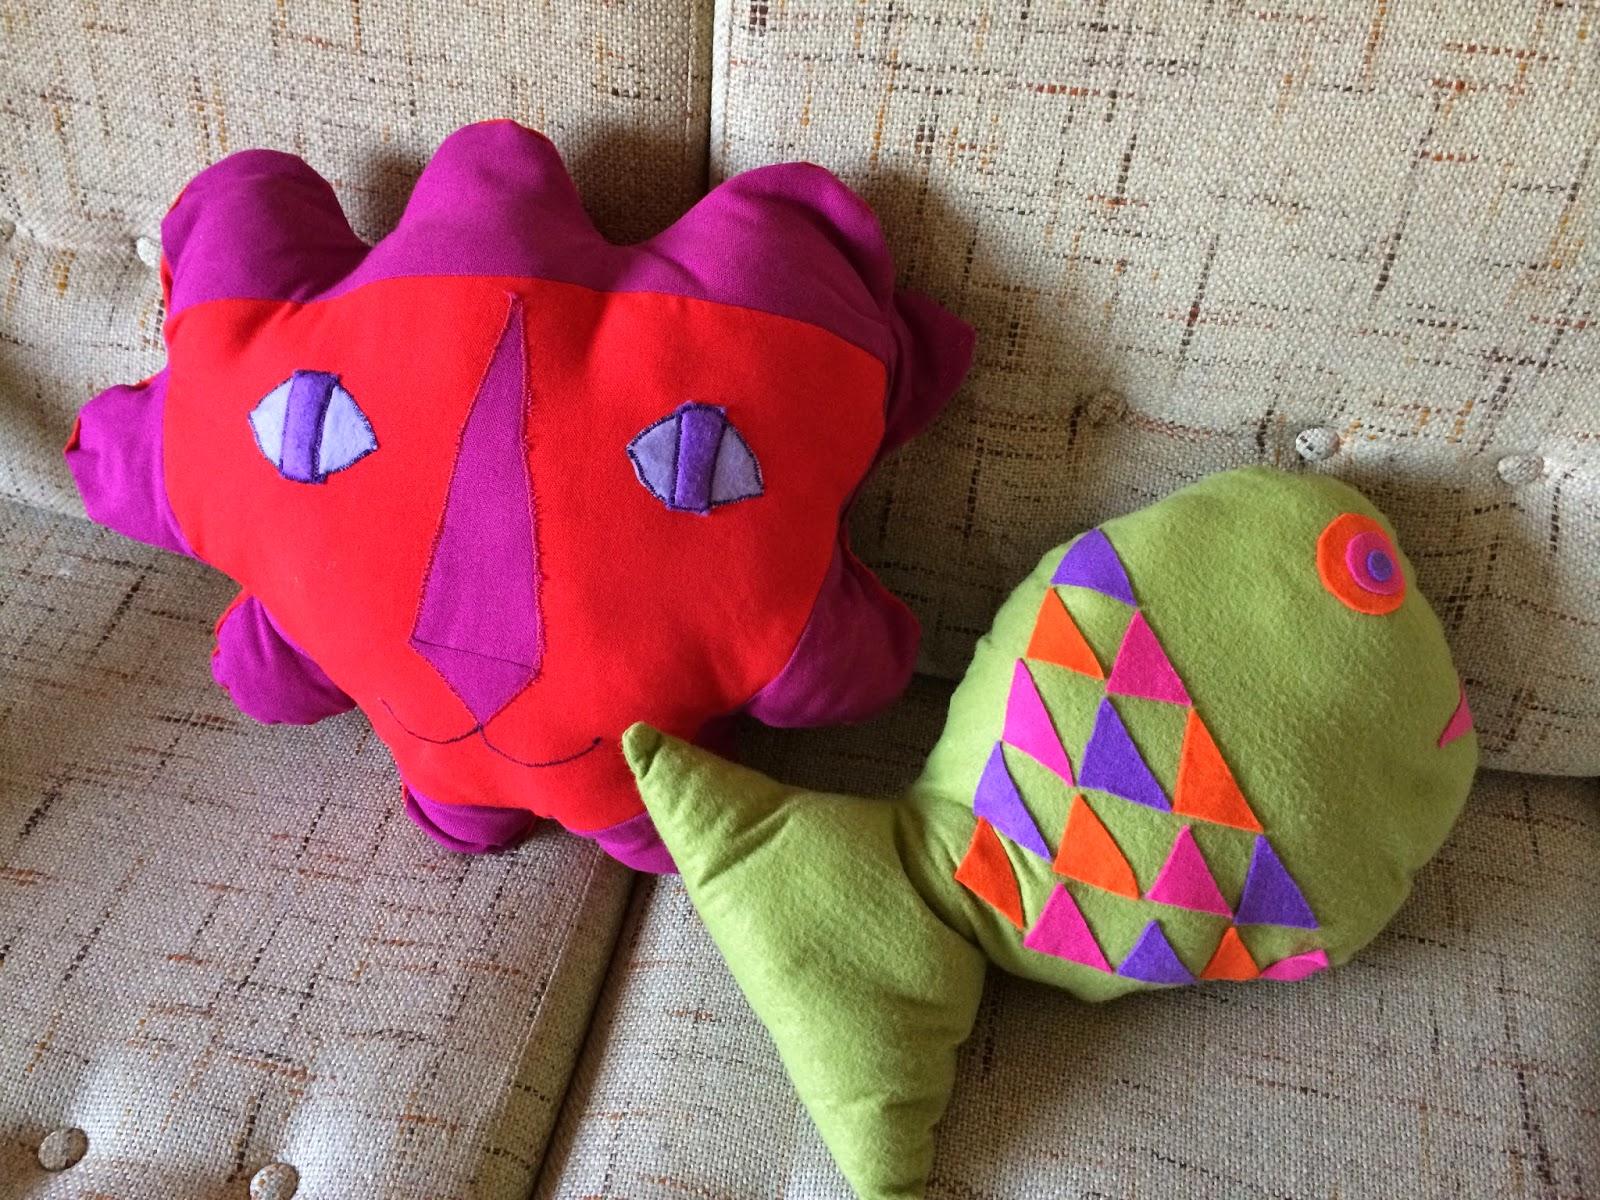 Addicted to my sewing machine : Fish cushion from a 70s sewing pattern + the incredible Lion Sun Flower head cushion ! Plus proche d'un Uranoscopidae que d'un élégant Discus , ce coussin fait le bonheur de Teilo , et rien que ça  , ça devrait vous couper la chique ! Quant à l'indescriptible coussin Lion Sun Flower Head , je vous assure que je n'étais pas sous LSD ... par contre j'écoutais La Souris à ce moment là , pensez vous que cela ait une incidence ??? vintage sew pattern 70s 1970 années 70